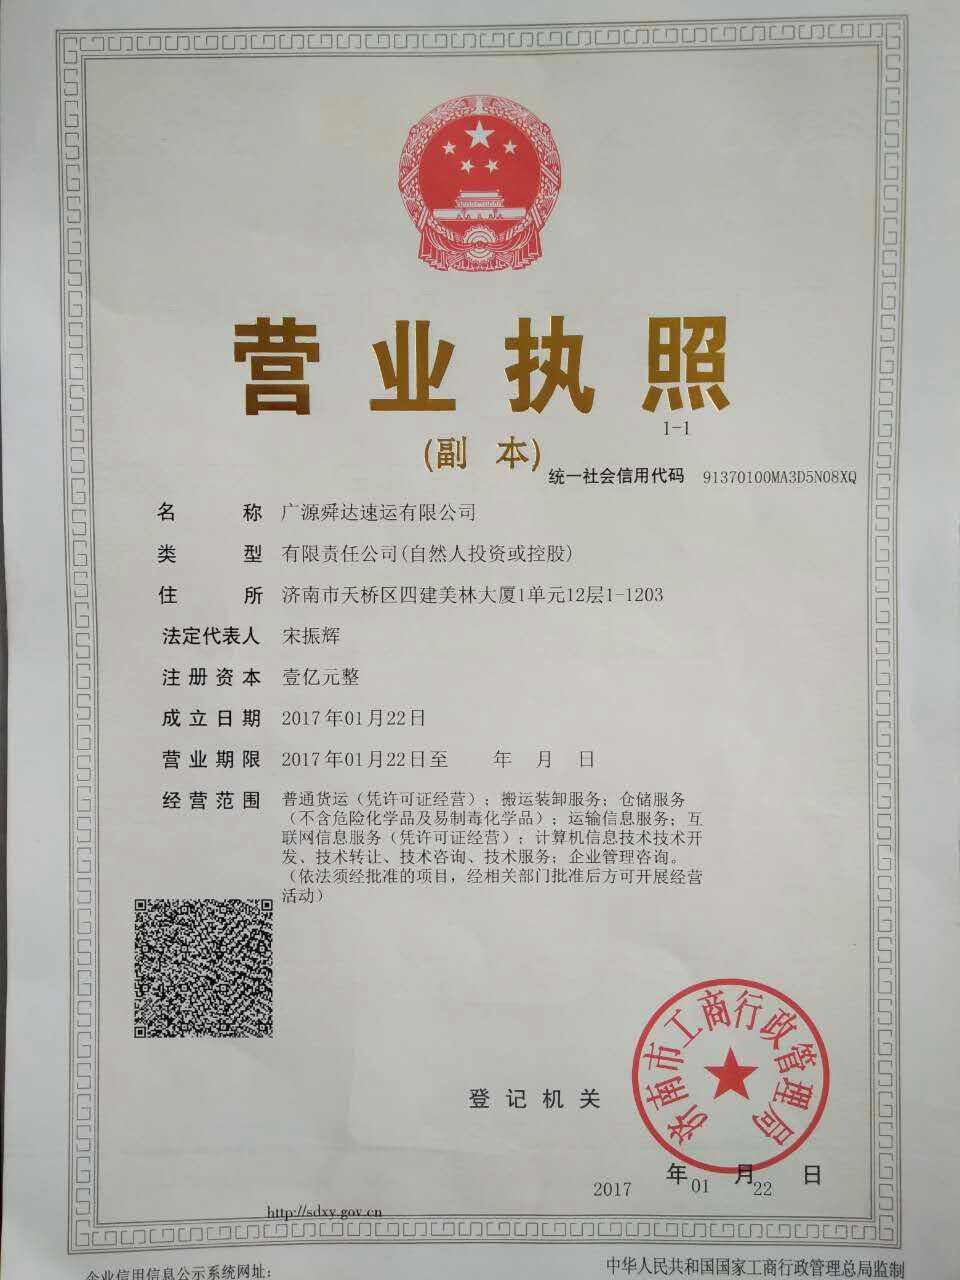 广源舜达速运有限公司——面向全国招商